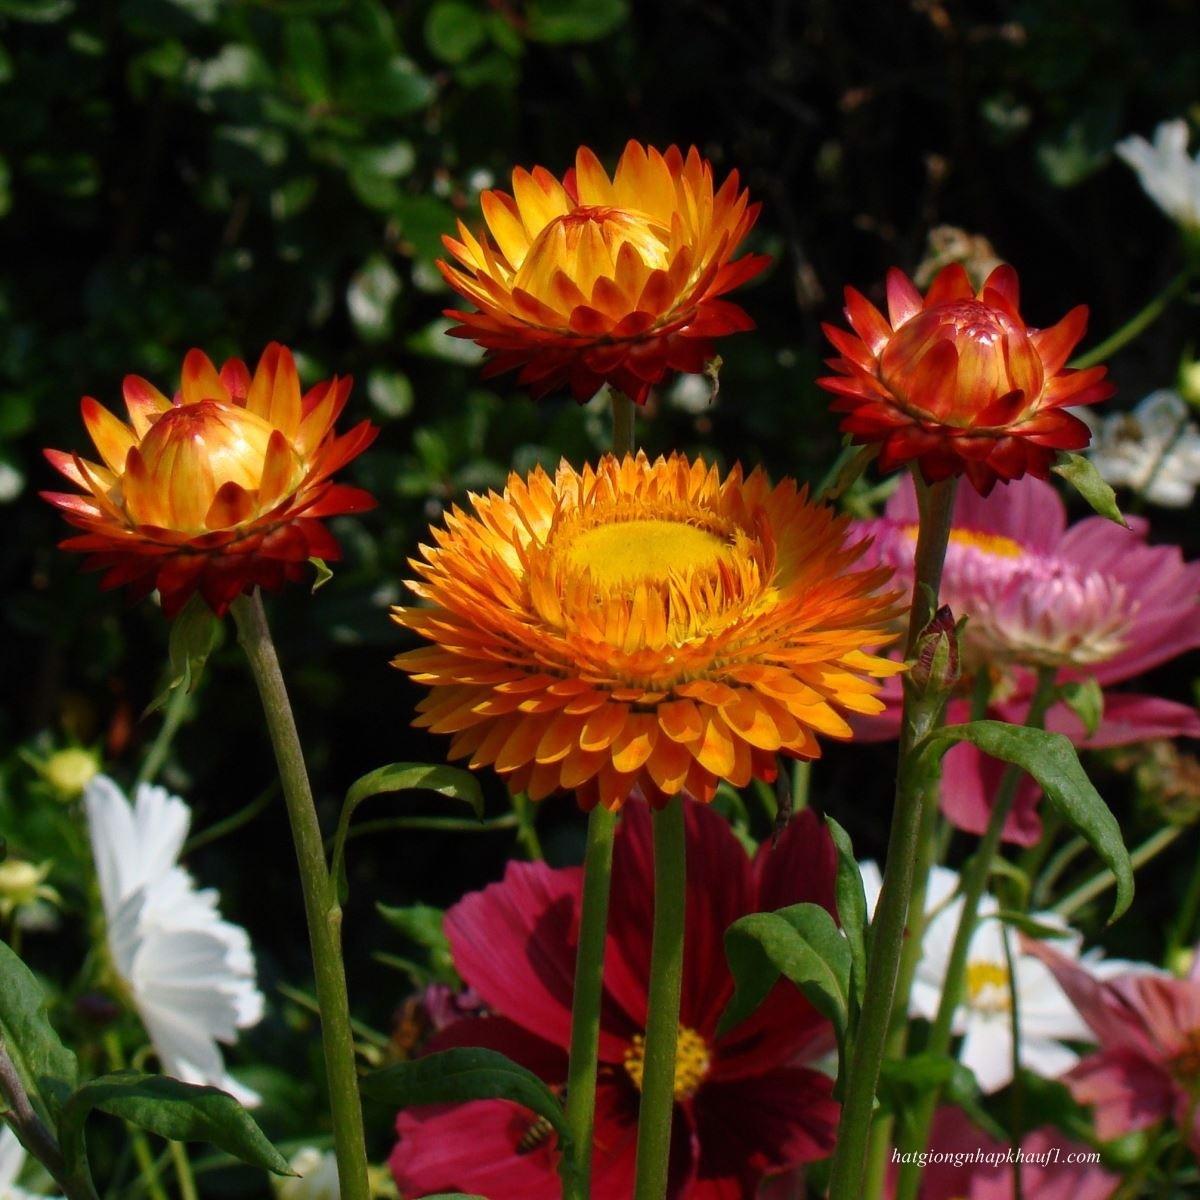 Những cây hoa bất tử vàng cam đỏ cực đẹp